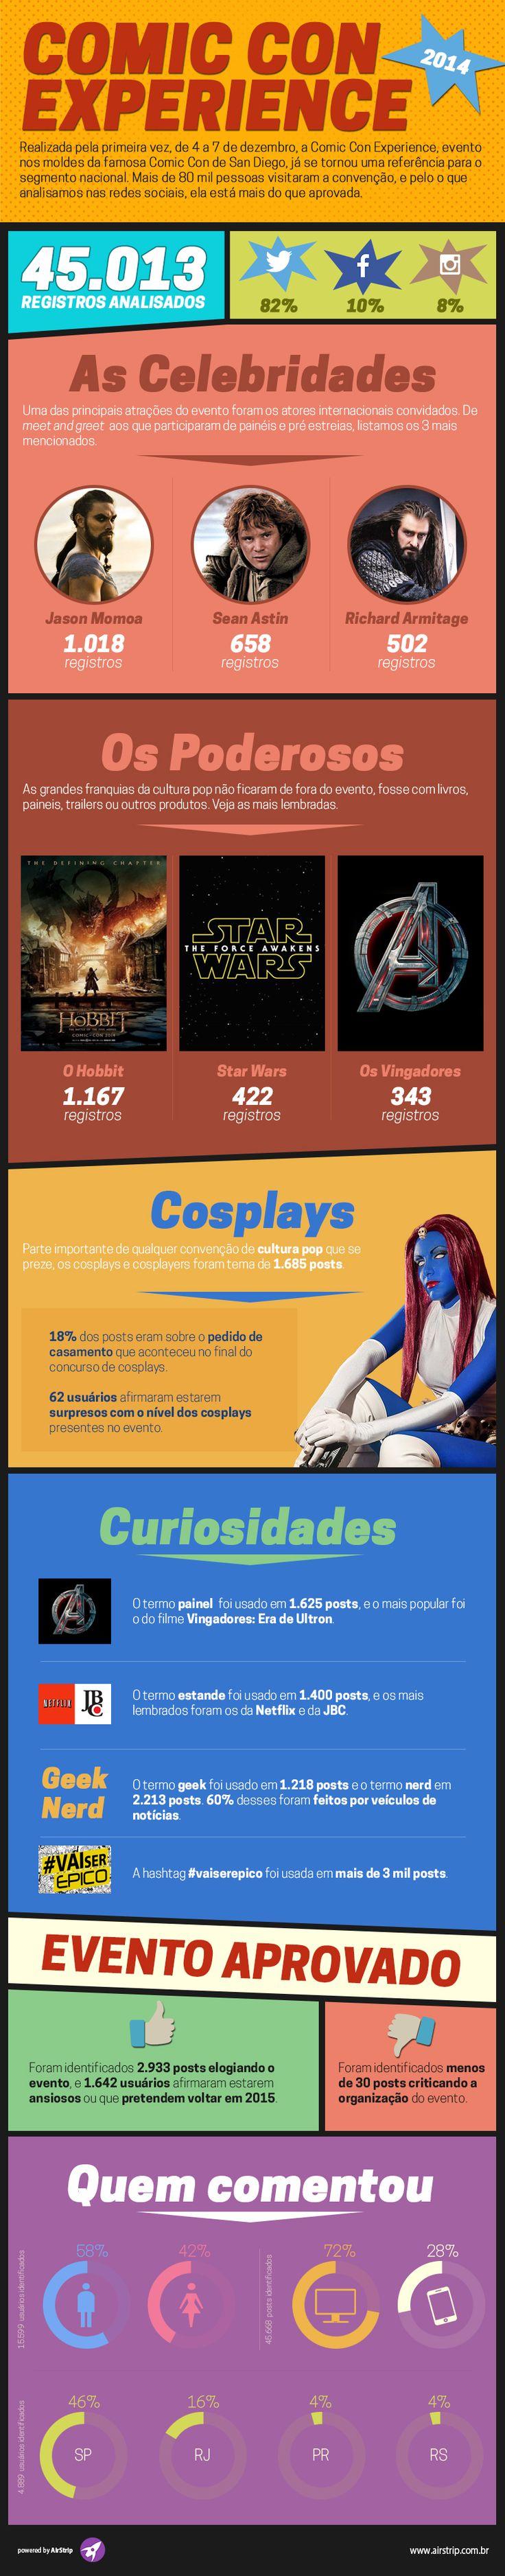 Infográfico sobre a Comic Con Experience 2014